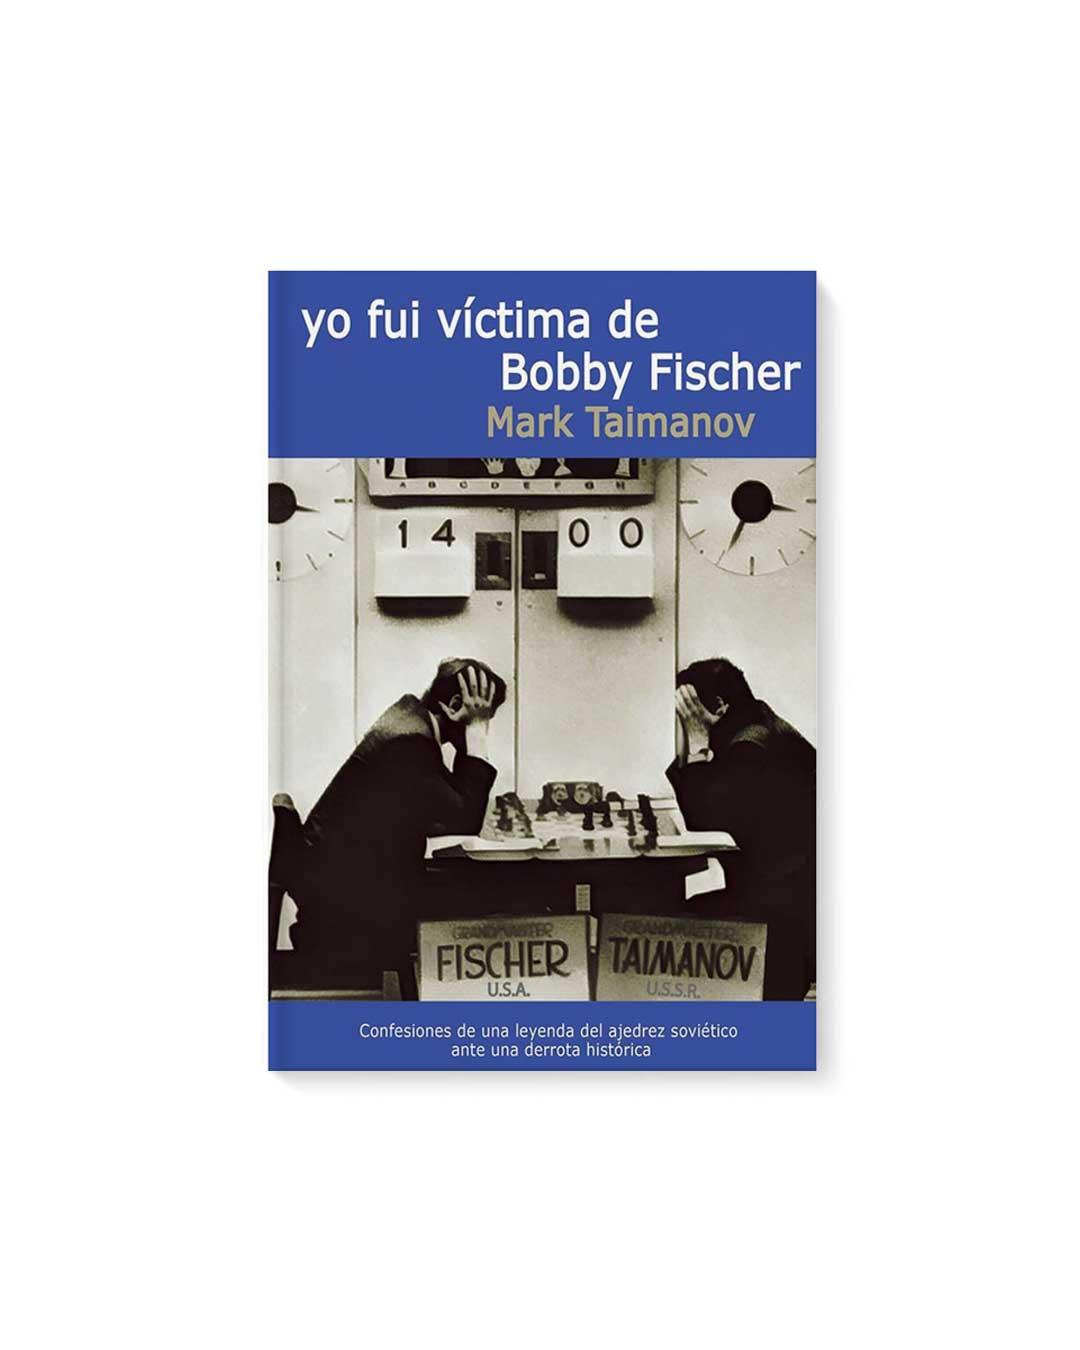 Yo fui victima de Bobby Fischer - Taimanov